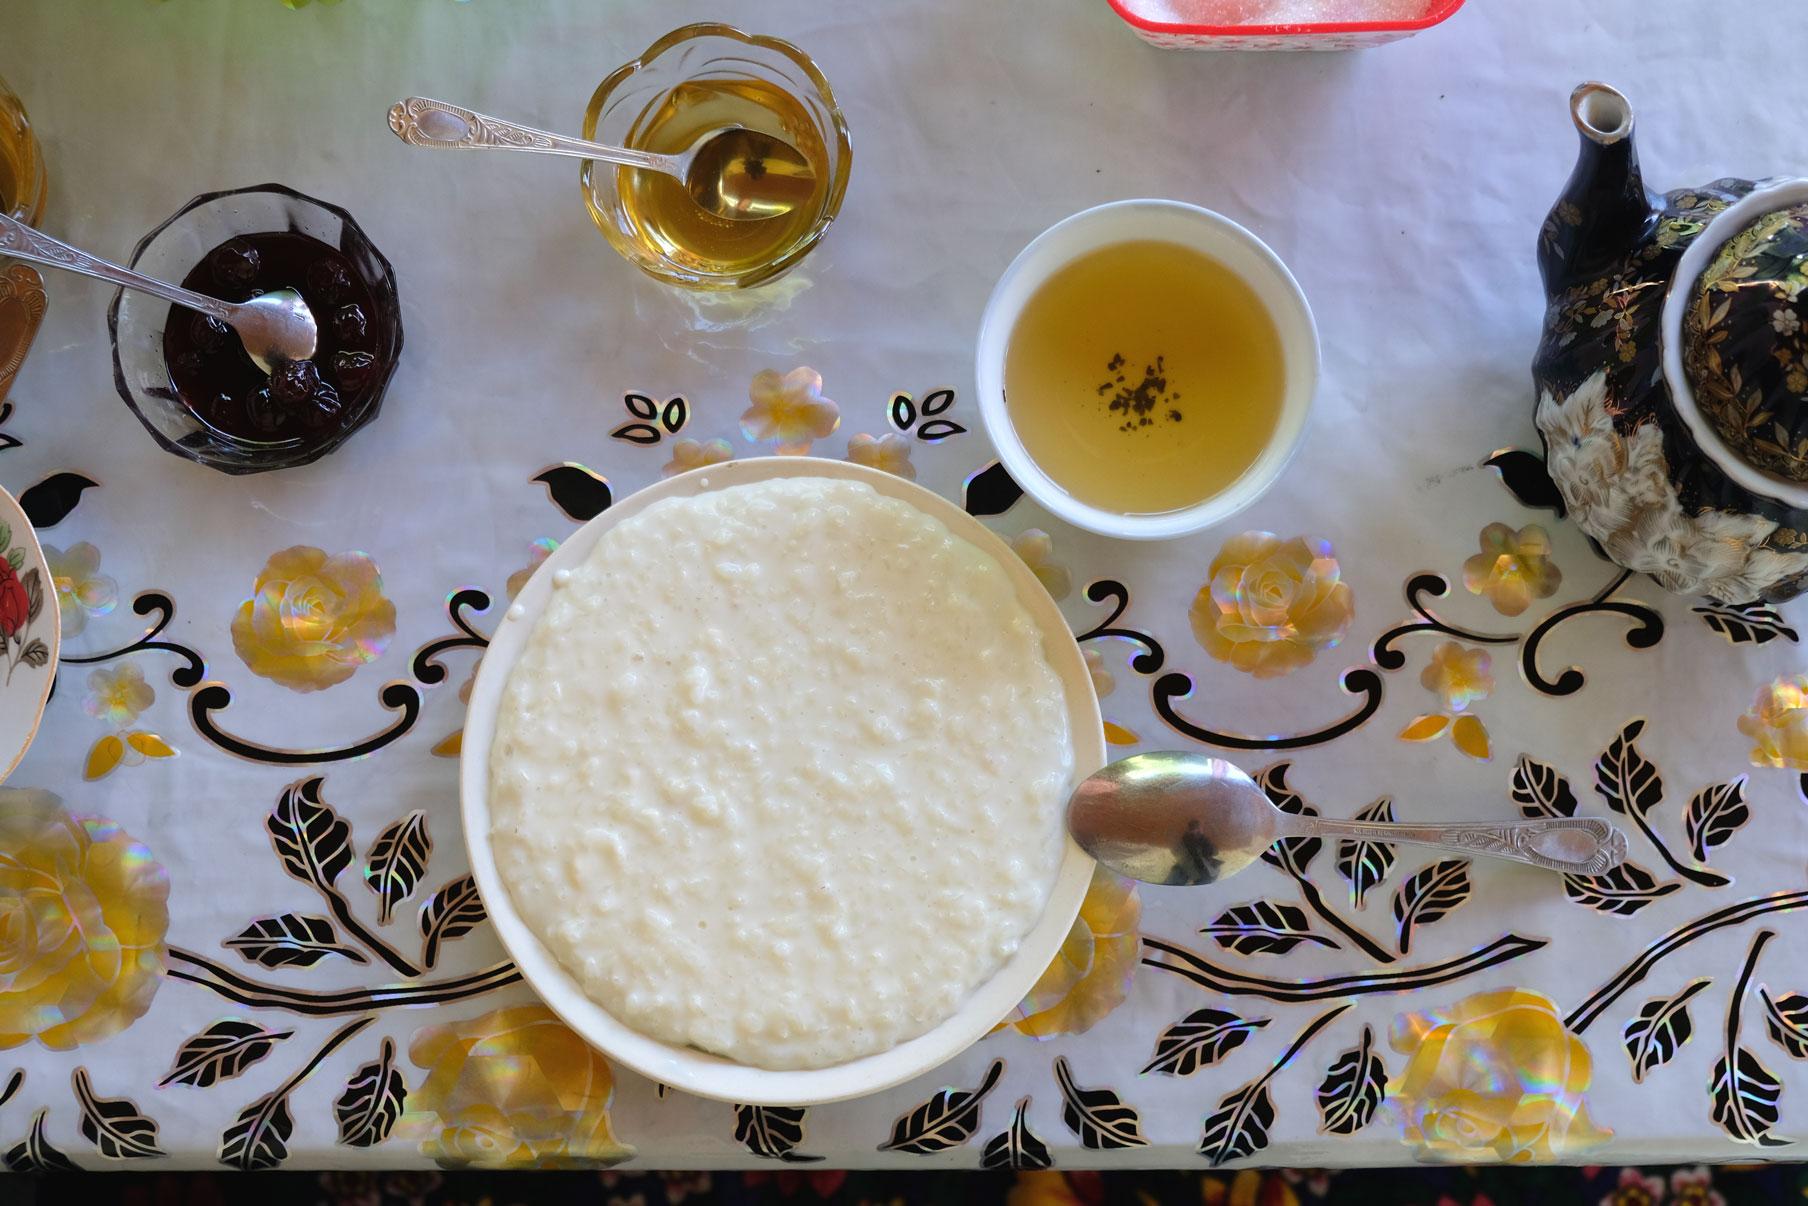 Milchreis, Tee und Honig auf einem Tisch.